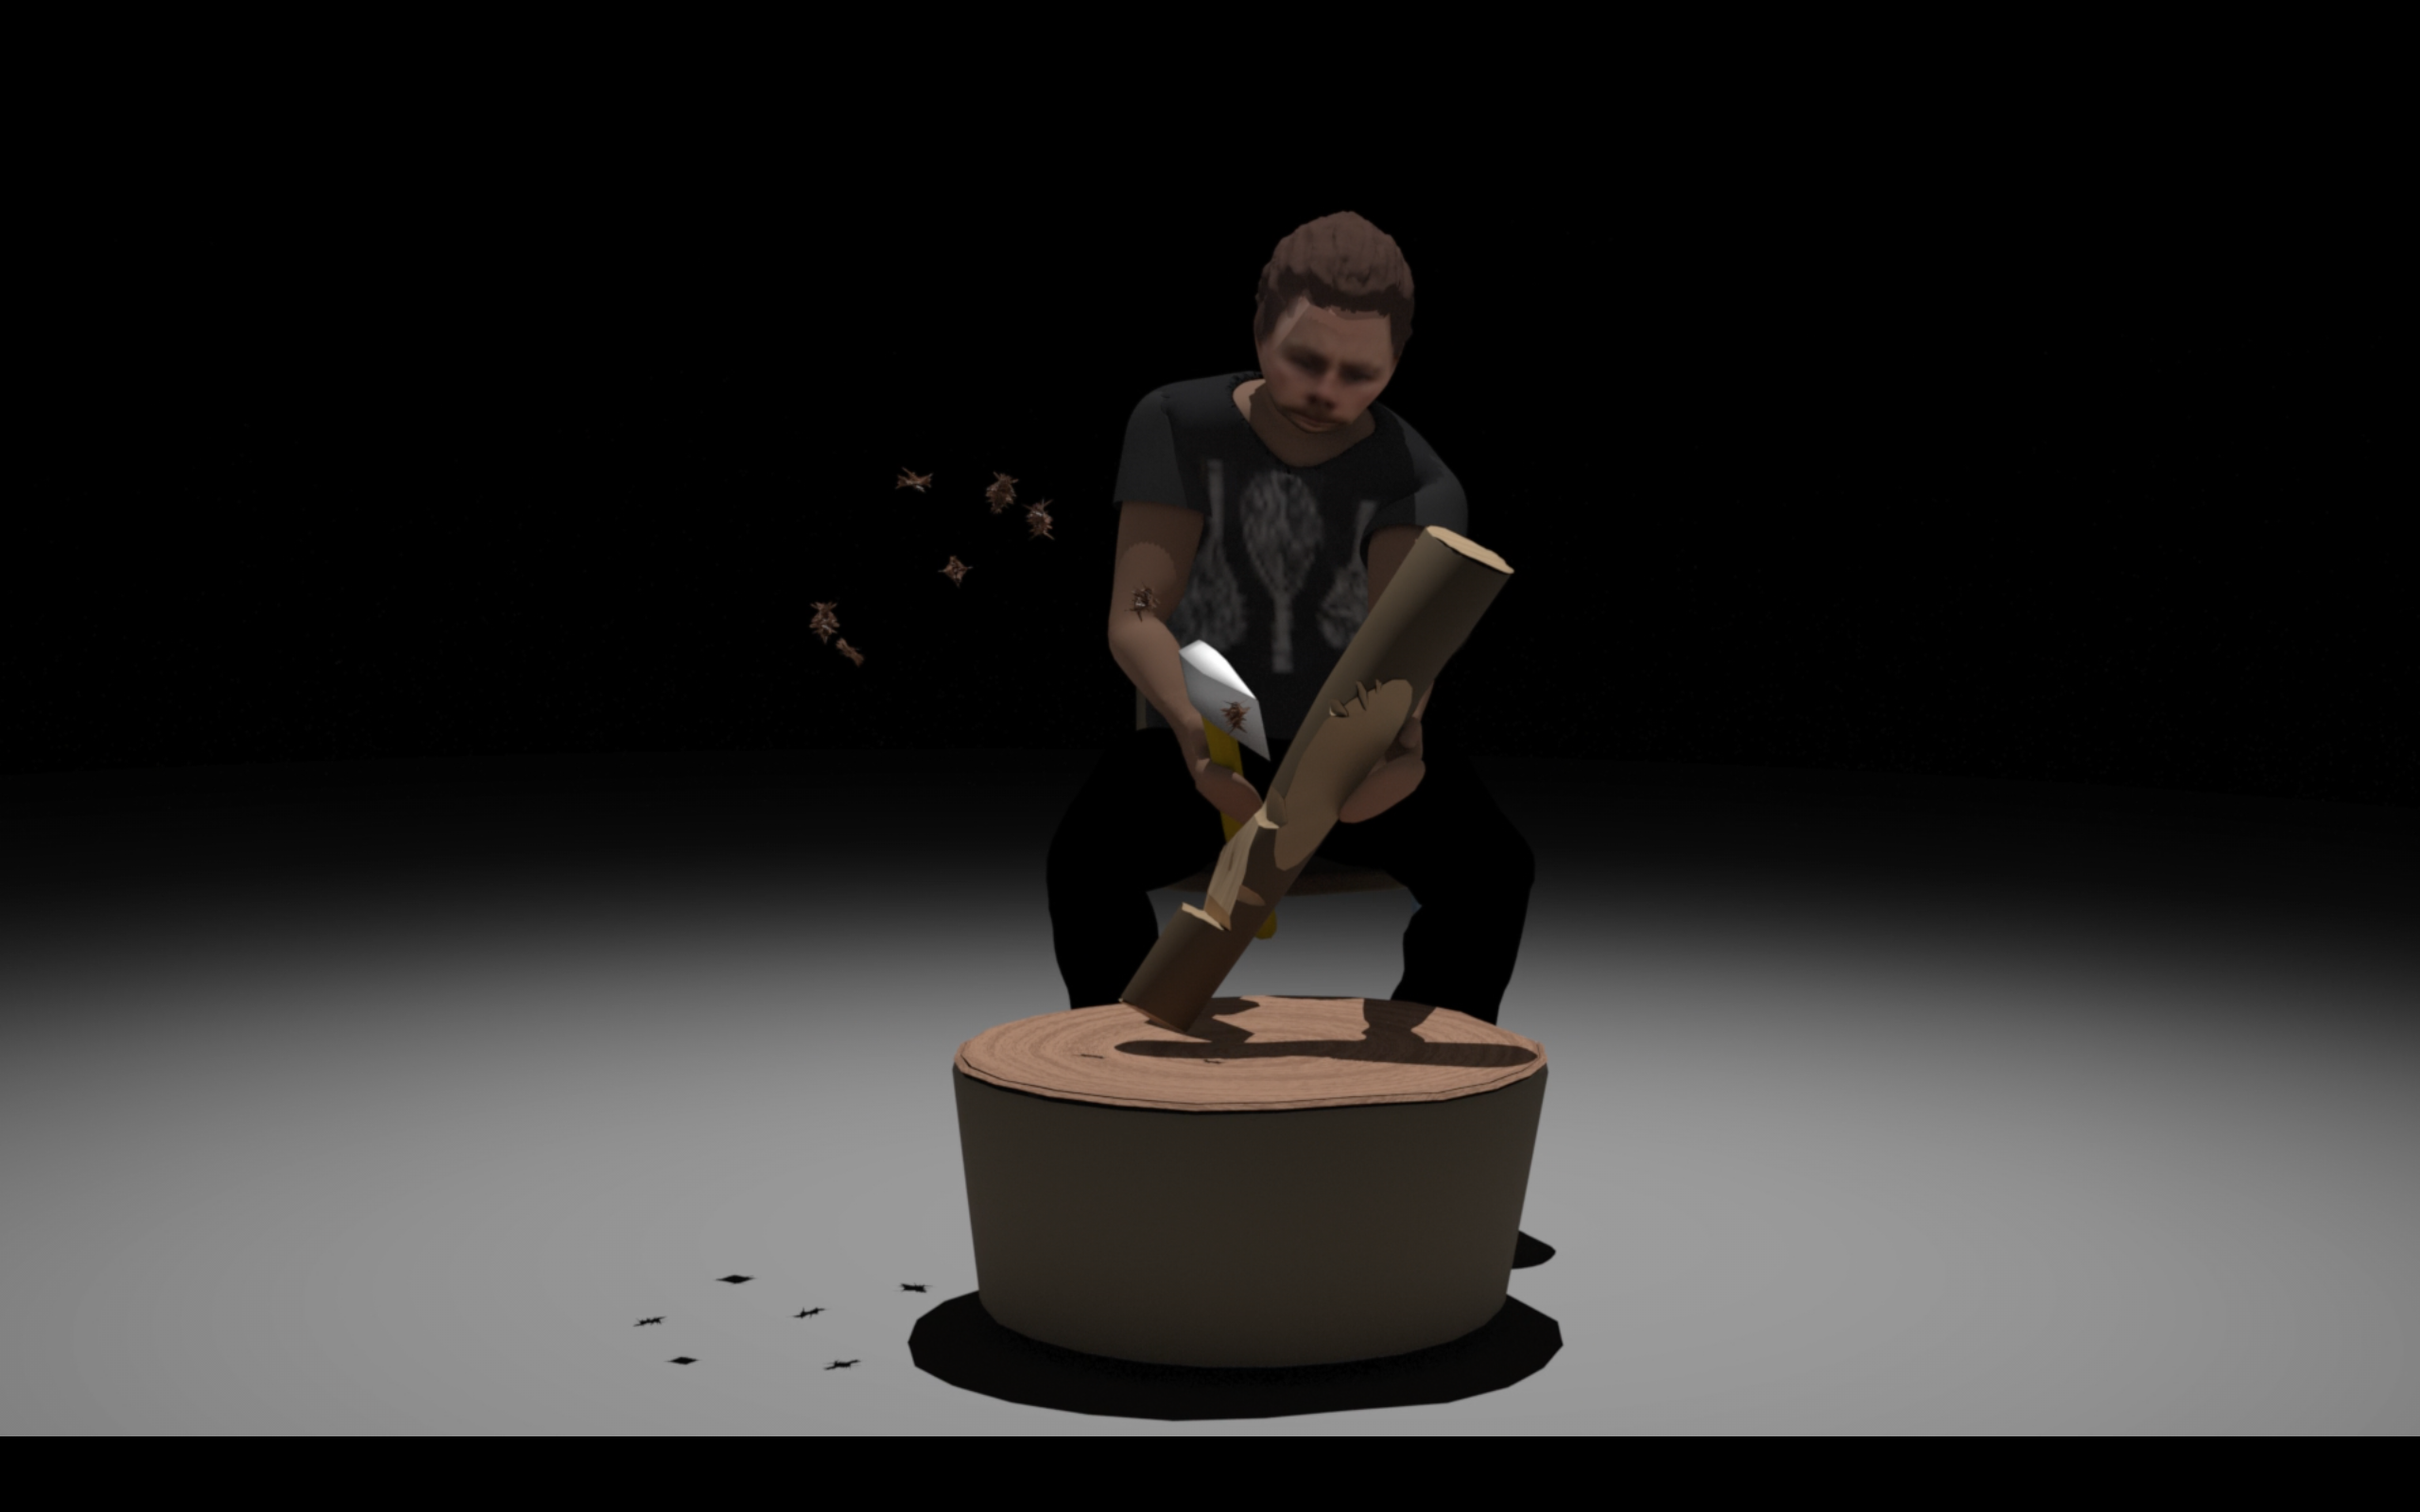 Brad Darkson, Smart Object, 2021, still from animation, duration 3min 10sec.